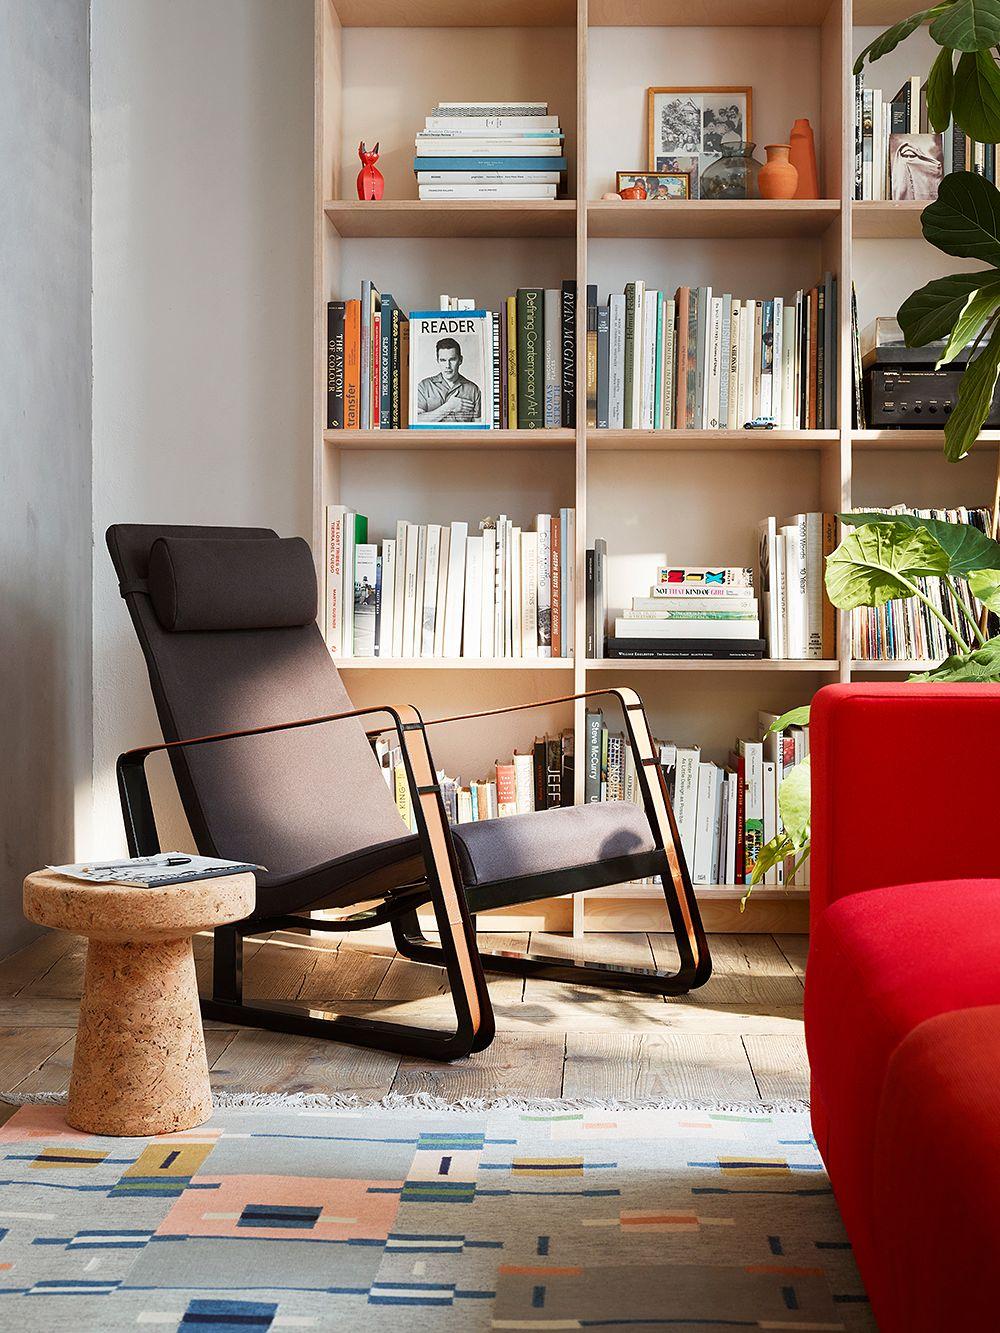 Vitra's Cité armchair designed by Jean Prouvé.